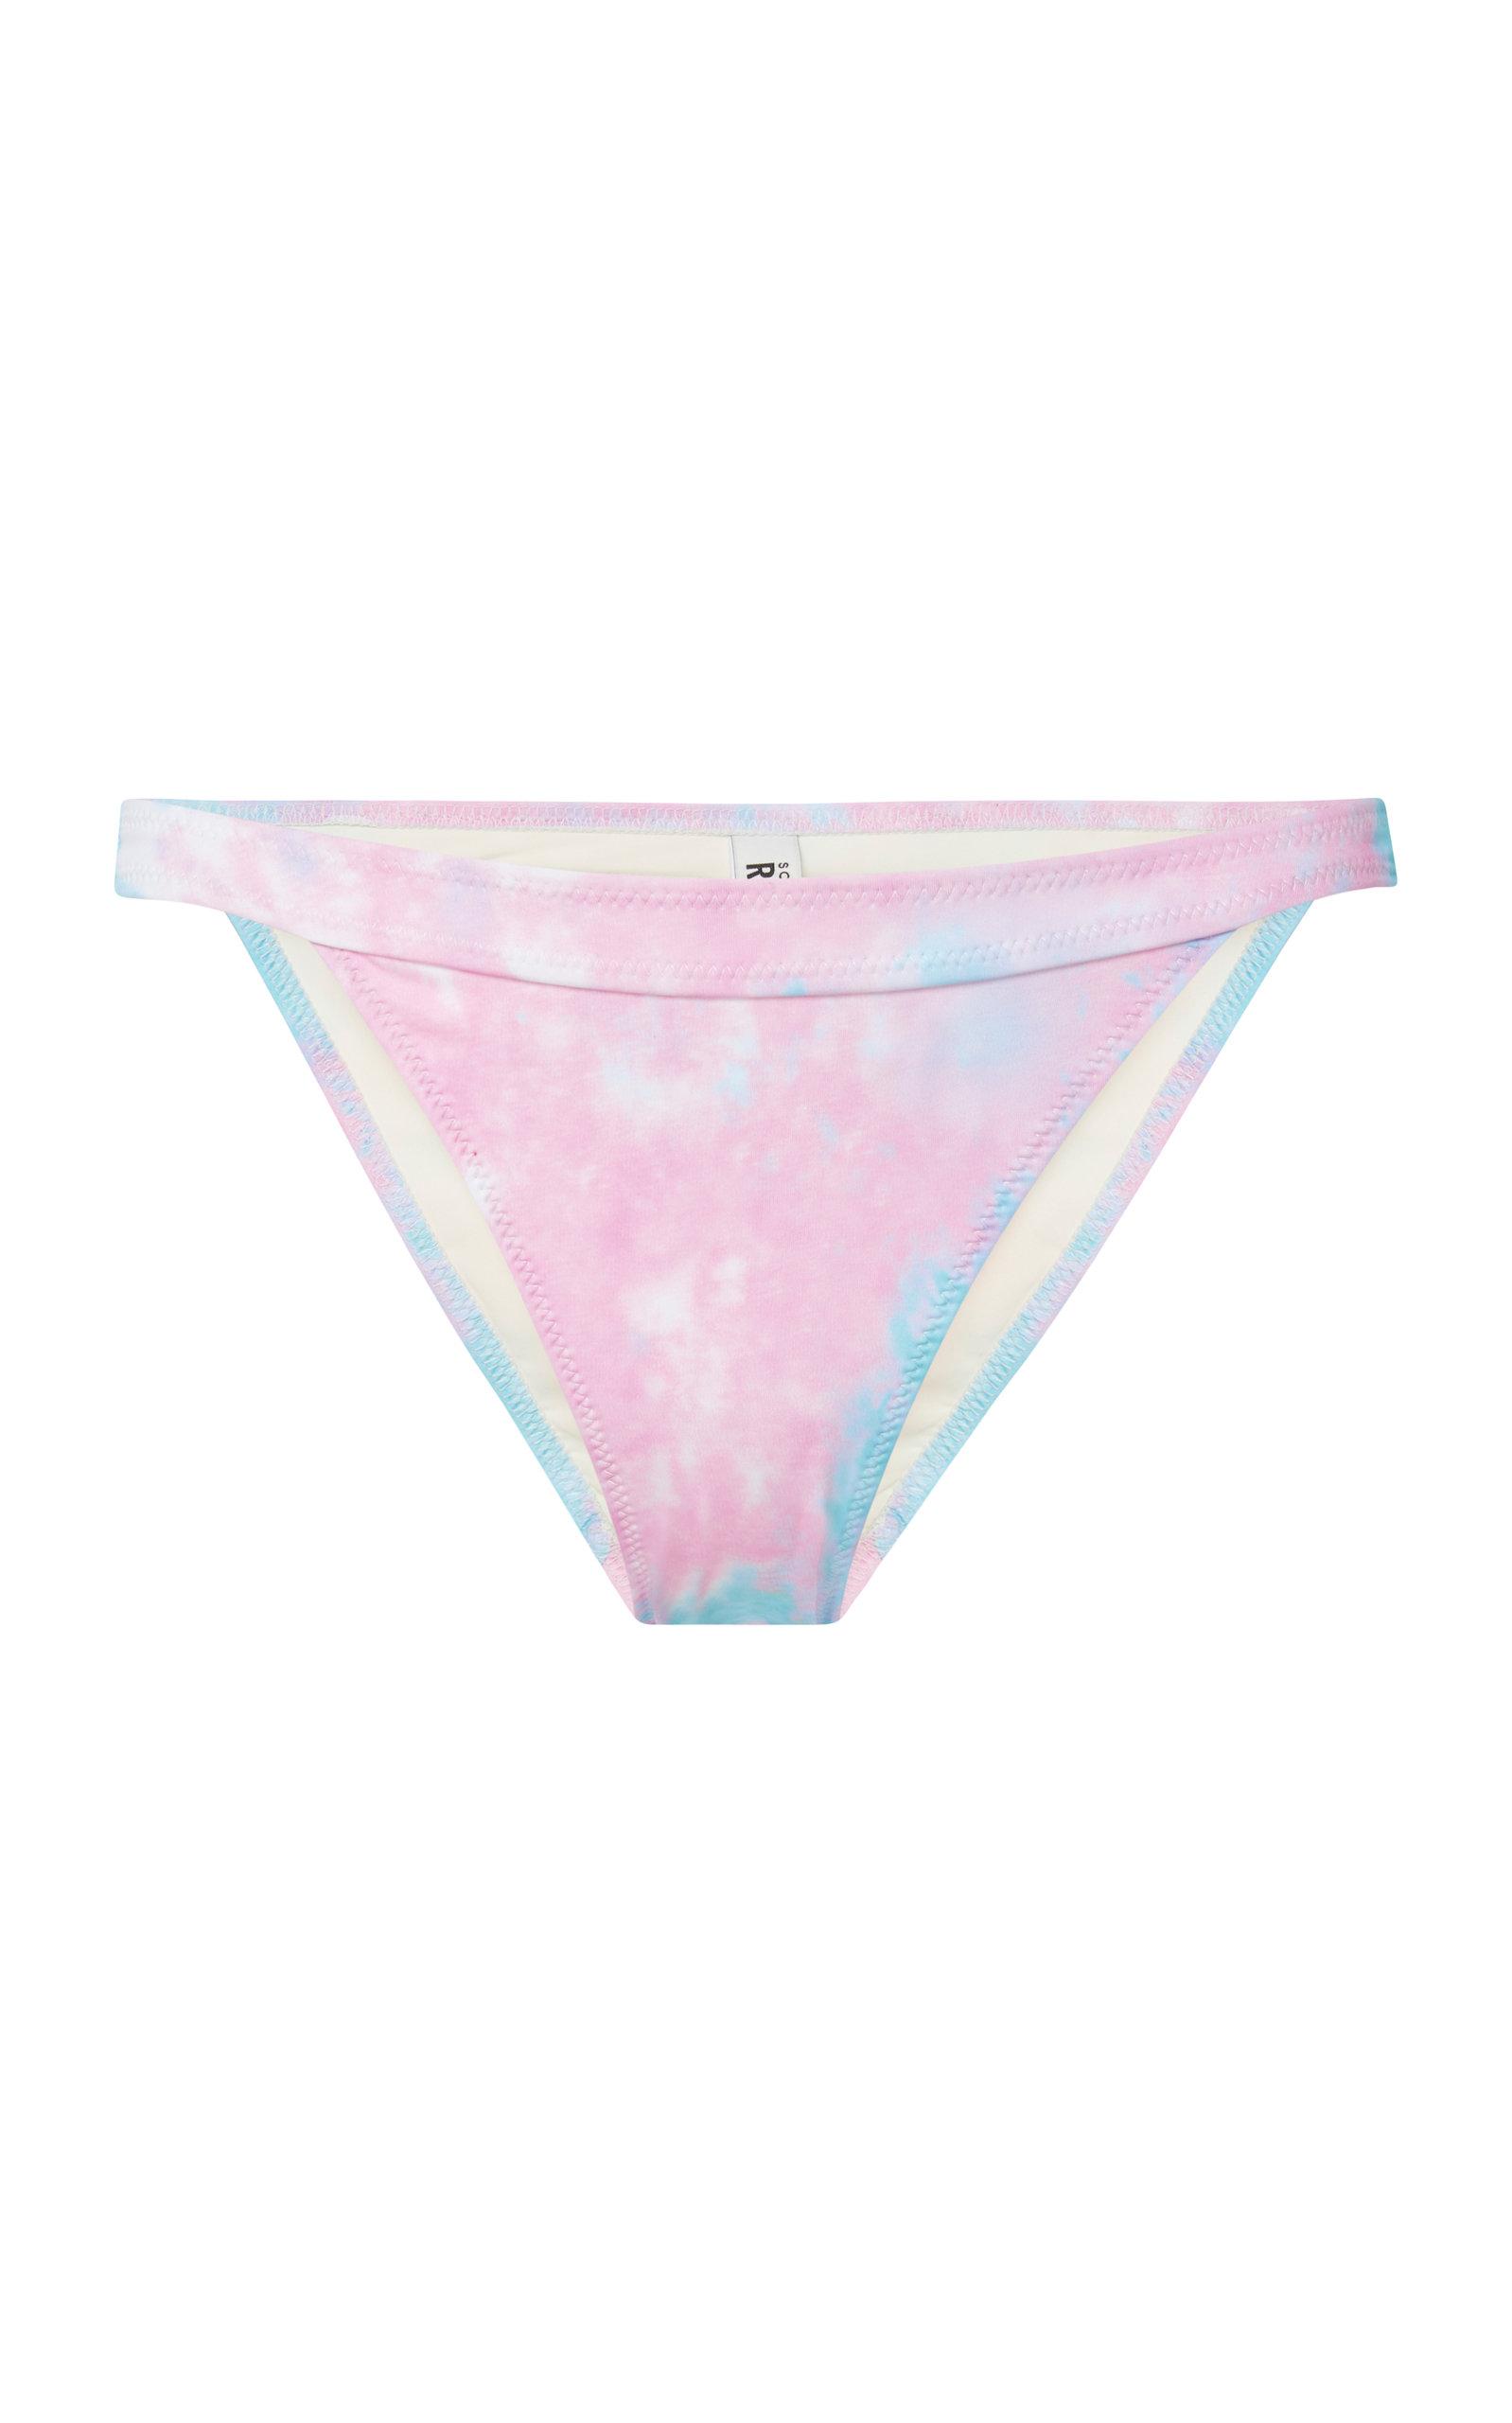 Jeu De Jeu Sortie 2018 Nouvelle Solid & Striped + RE/DONE Venice Brazilian Tie-Dye Bikini Briefs Meilleur Magasin Pour Obtenir En Ligne Pas Cher b7QzYNkw